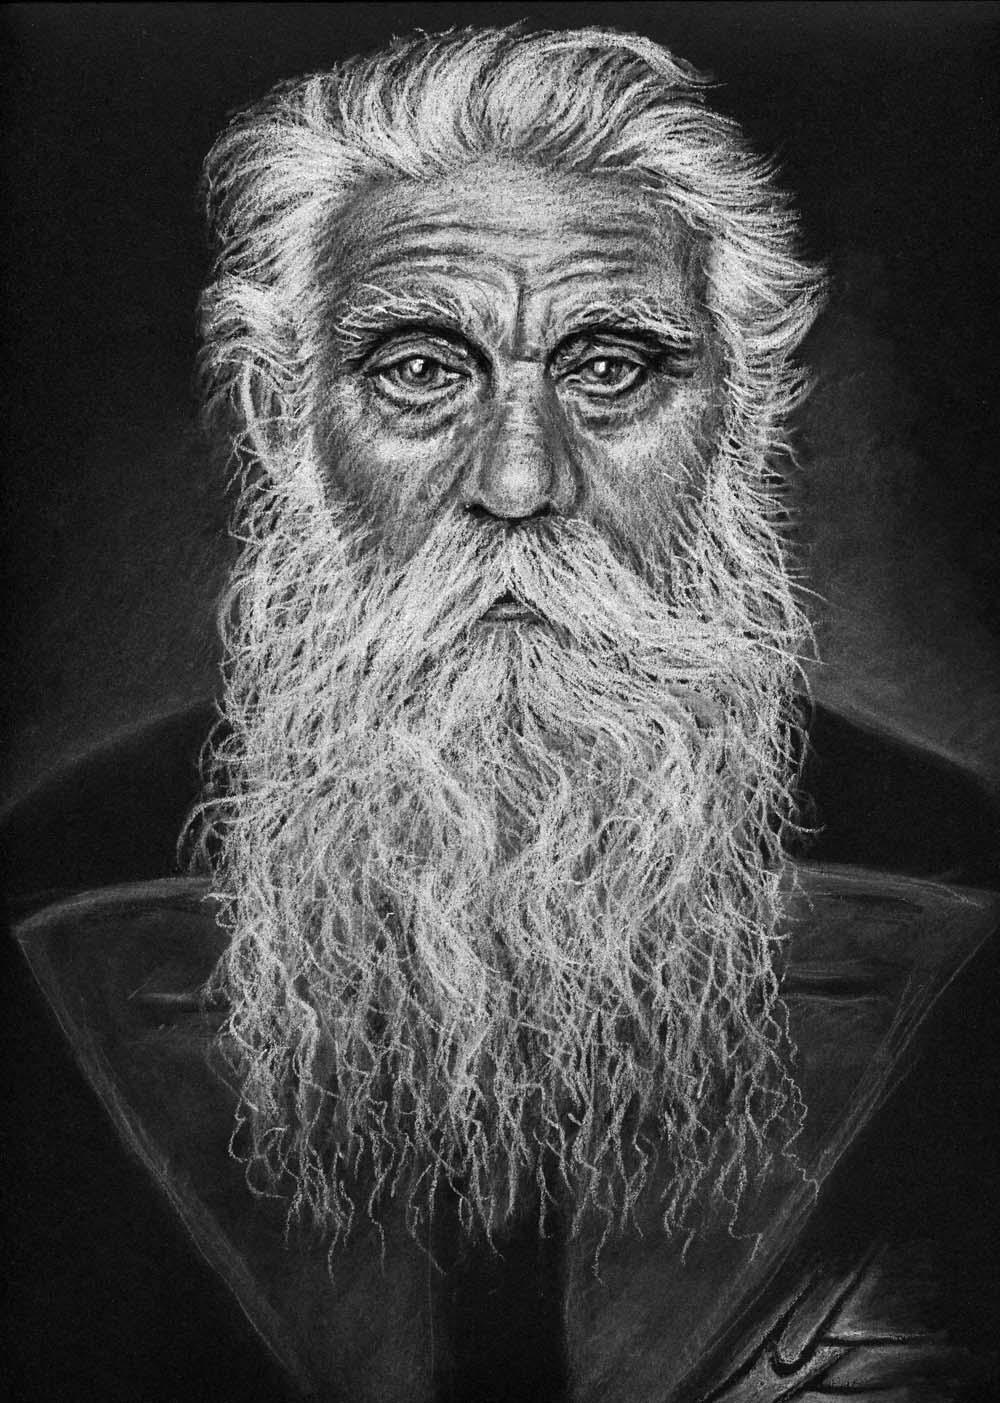 Bild Portrait Kreide Alter Mann von Nicole Zeug bei KunstNet